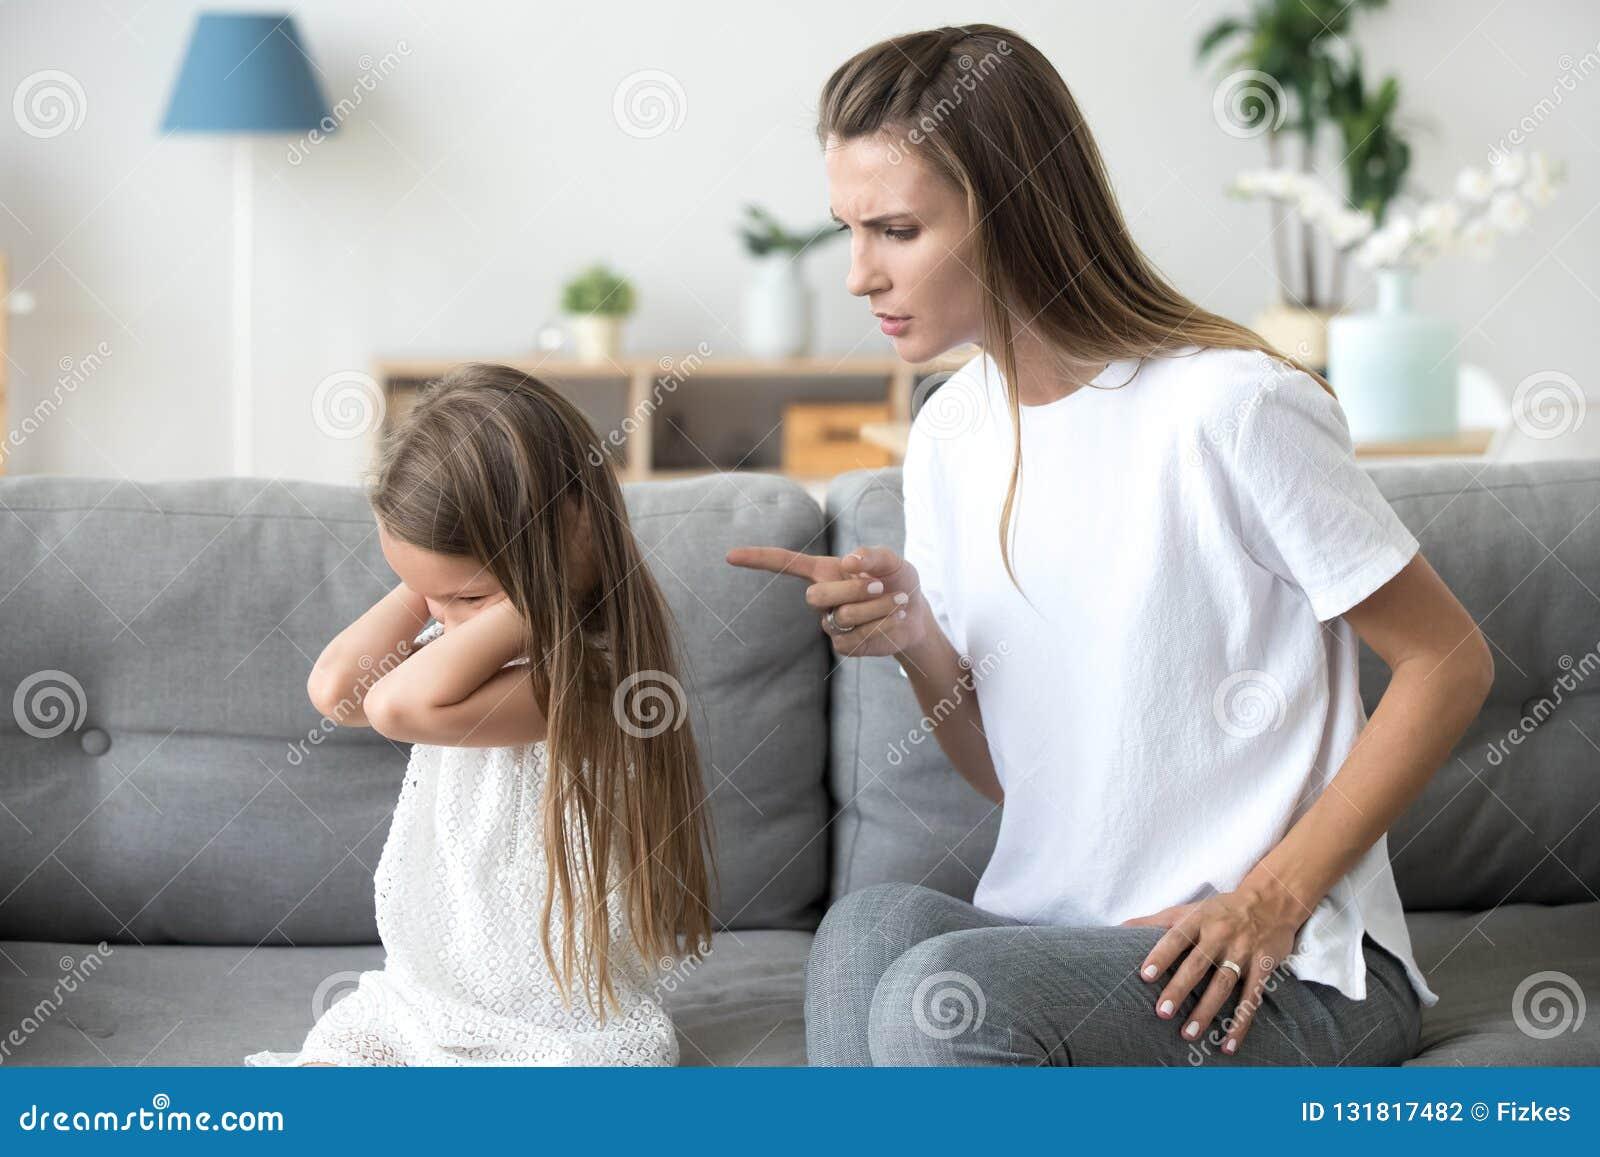 μητέρα που επιπλήττει τα επίμονα κλείνοντας αυτιάη παιδιών που δεν ακούνε